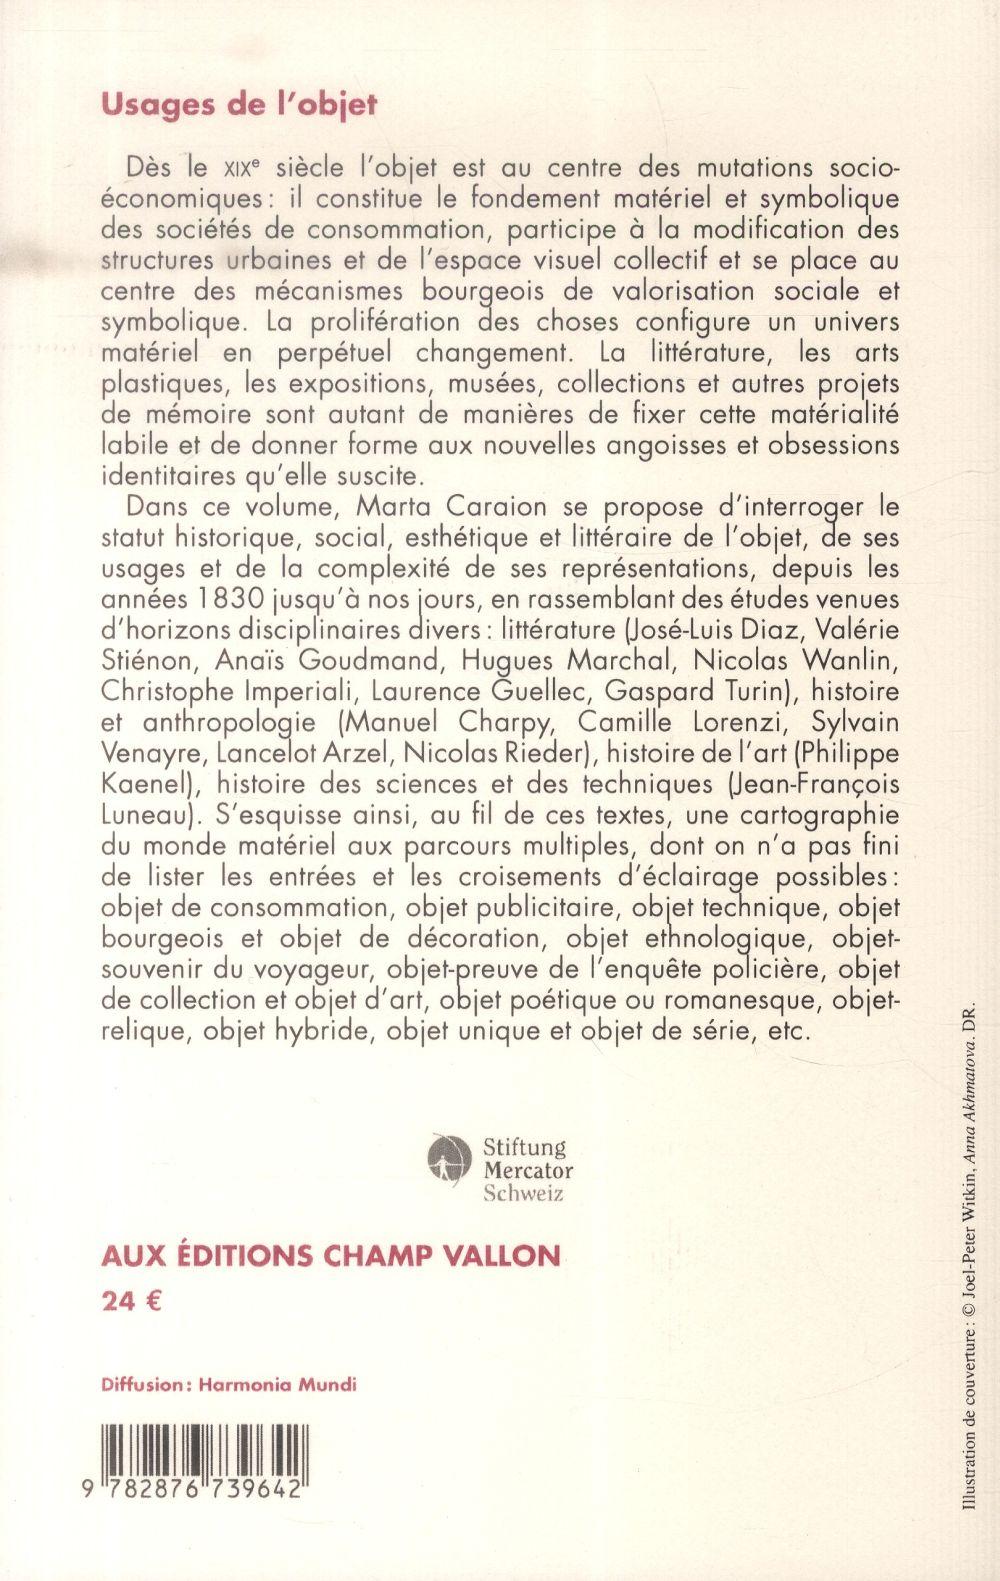 Usages de l'objet ; littérature, histoire, arts et techniques, XIX-XX siècles